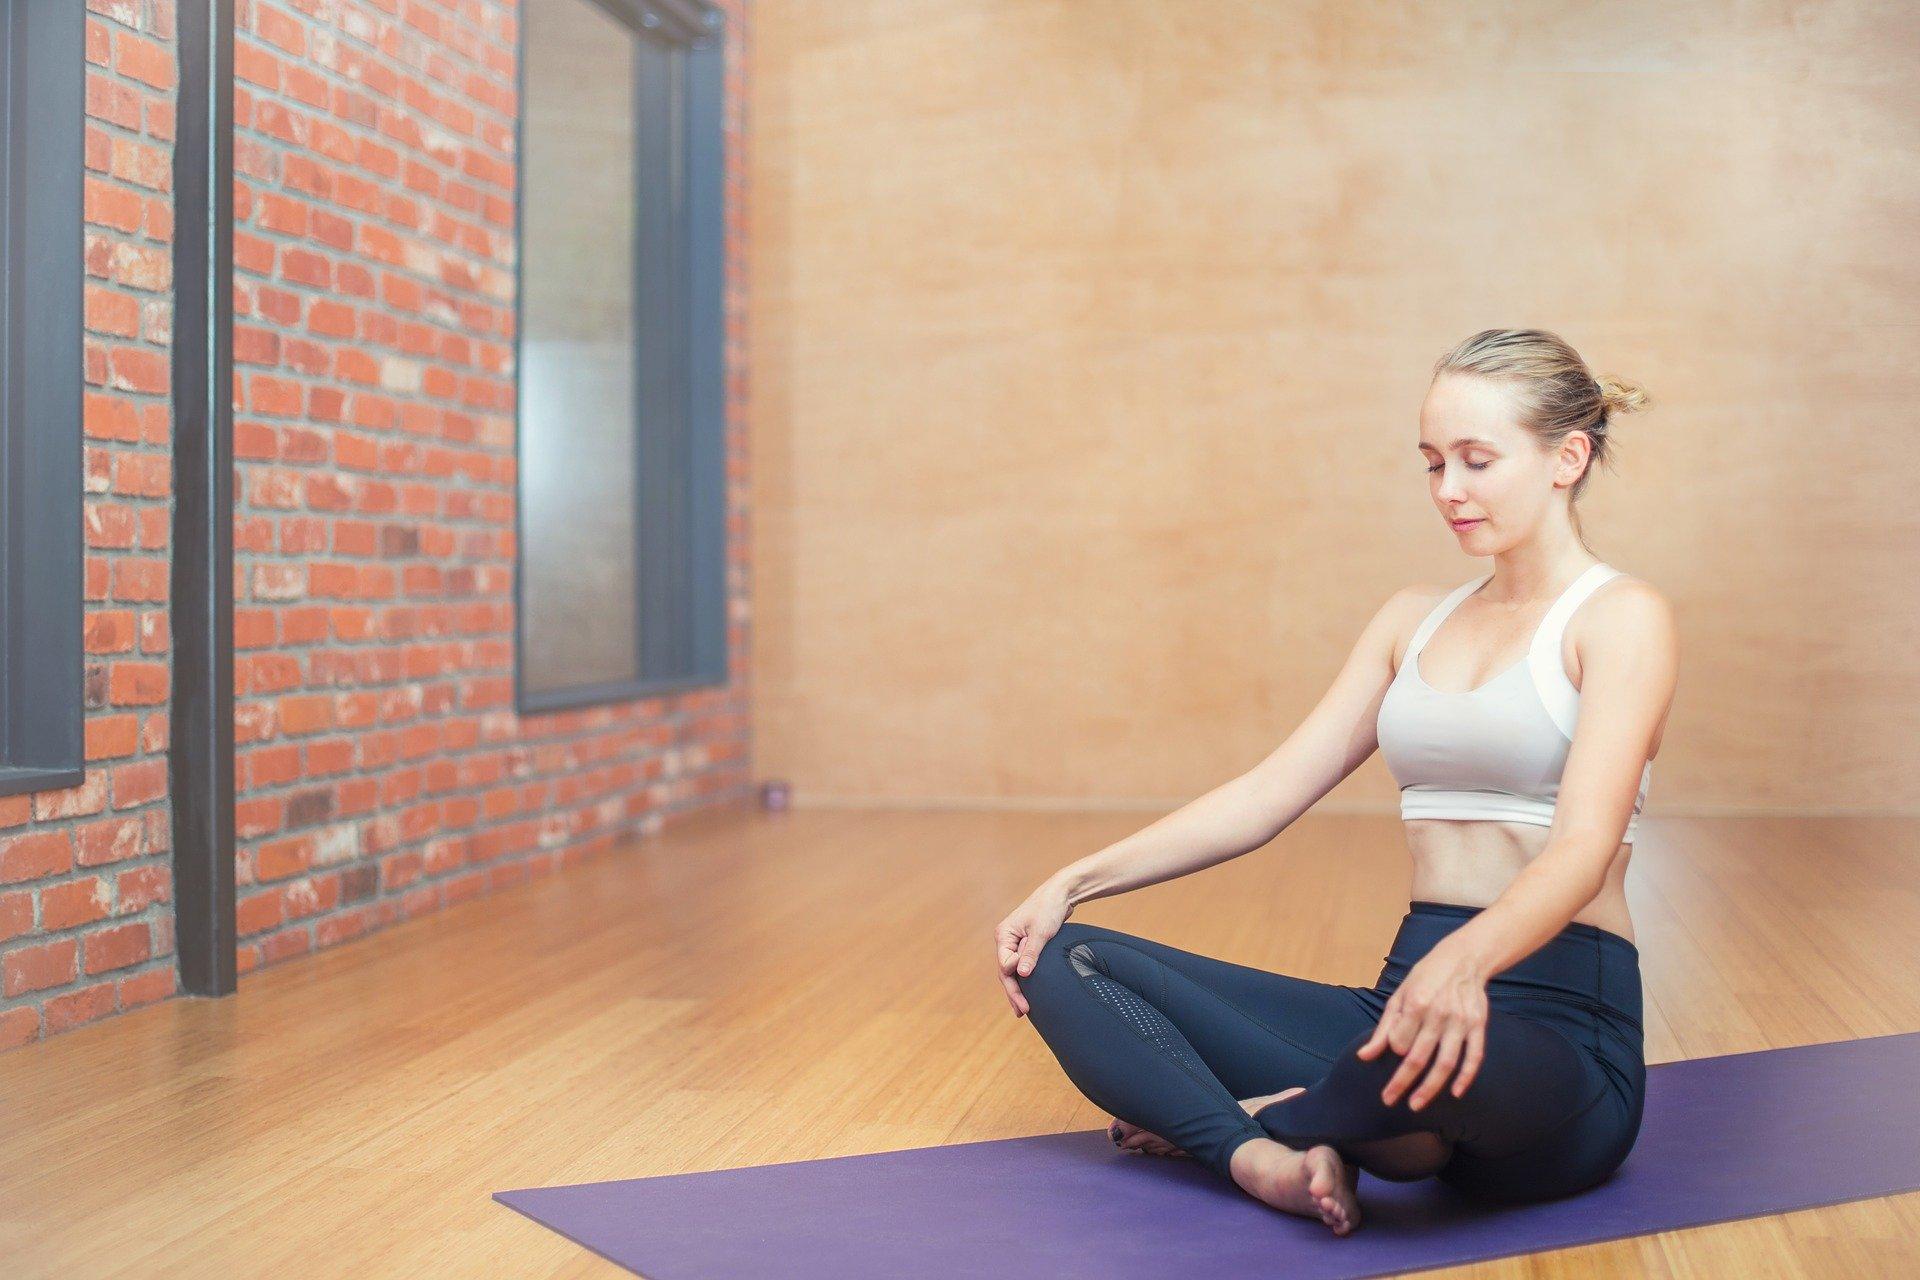 Zajęcia jogi online to sposób na aktywność w domu